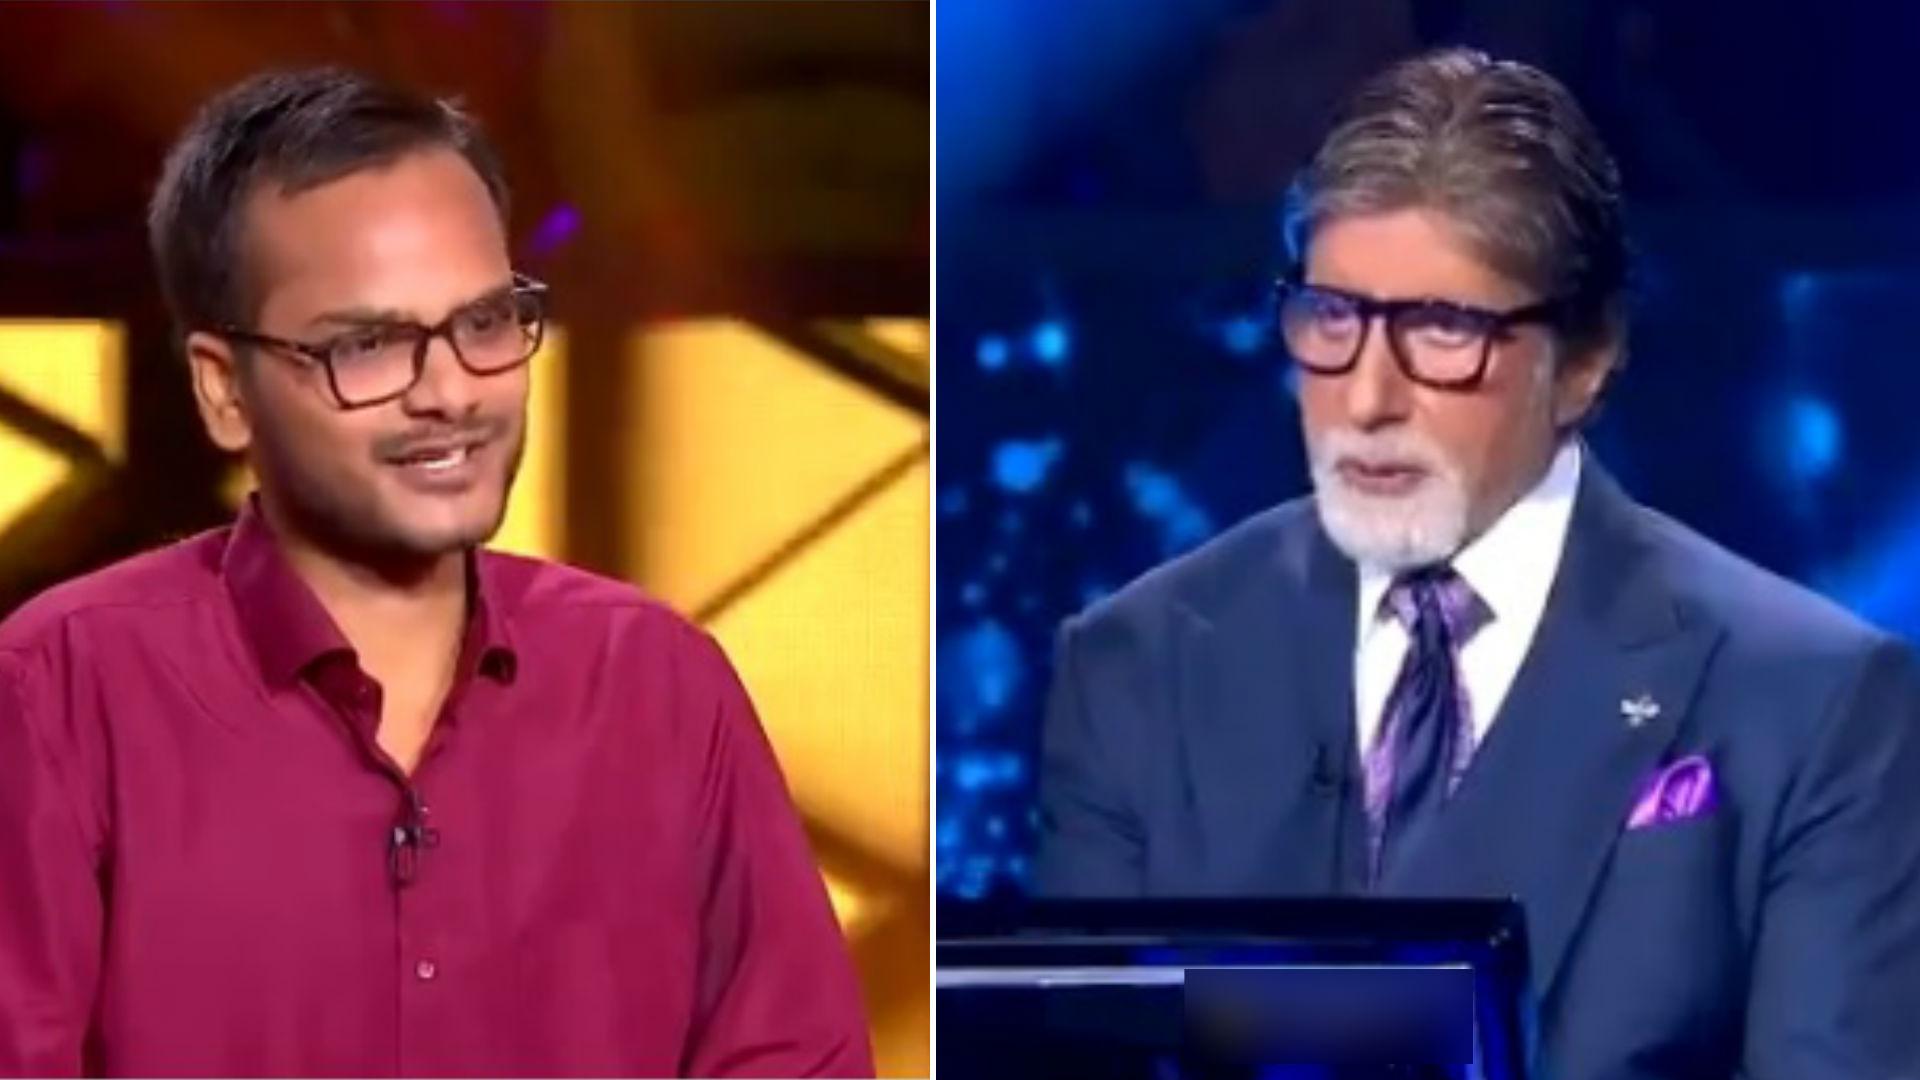 Kaun Banega Crorepati 11: इस सीजन के पहले करोड़पति बने सनोज राज, अब अमिताभ बच्चन पूछेंगे 7 करोड़ का सवाल